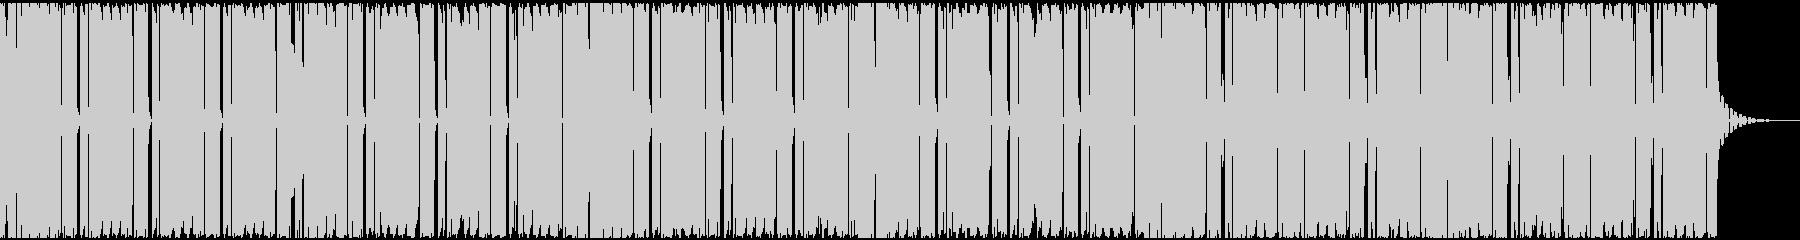 【アンビエント】ロング2の未再生の波形